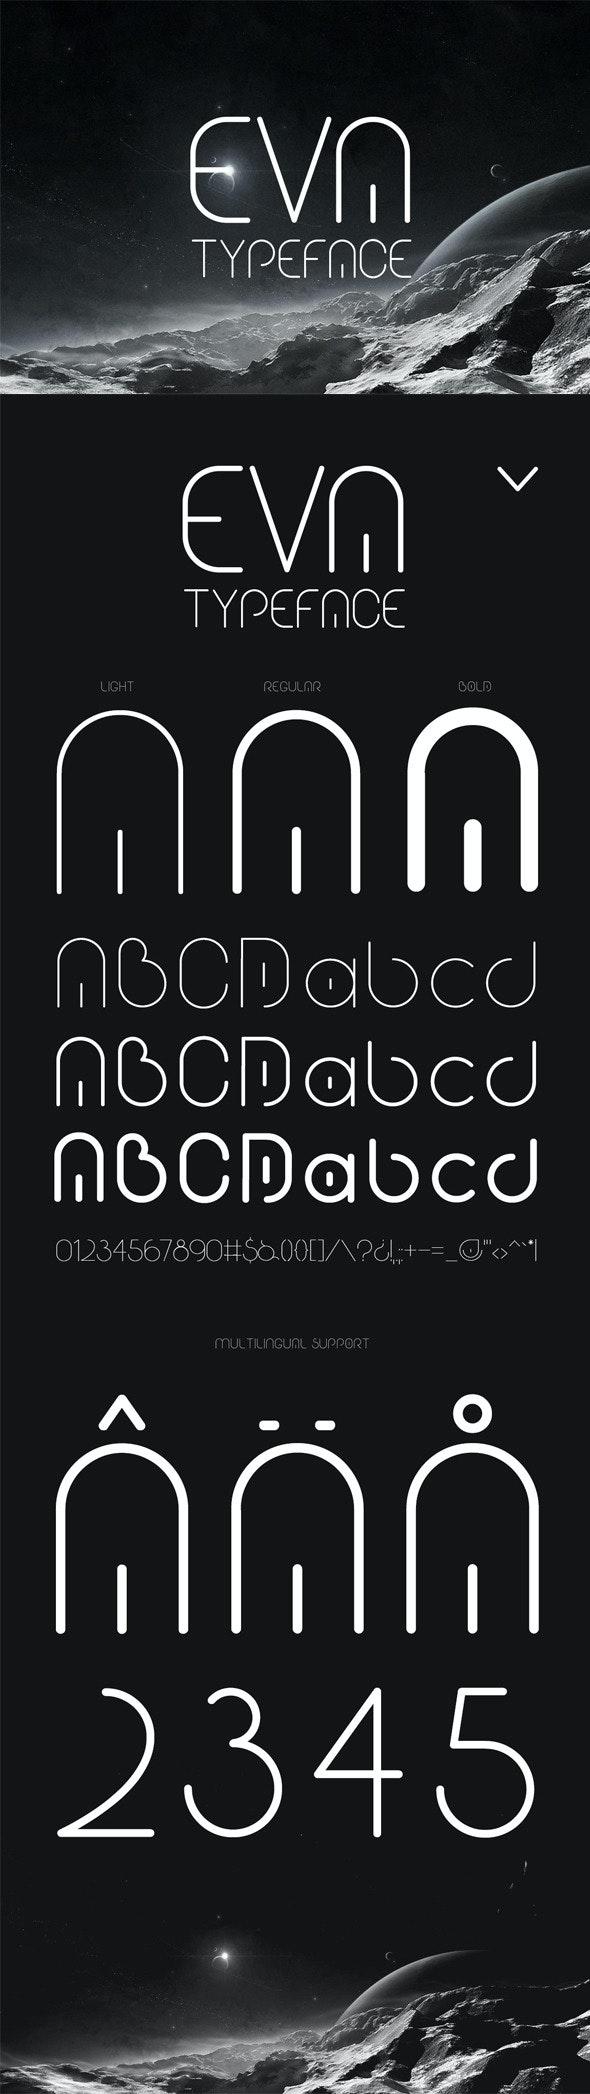 Eva Typeface - Sans-Serif Fonts